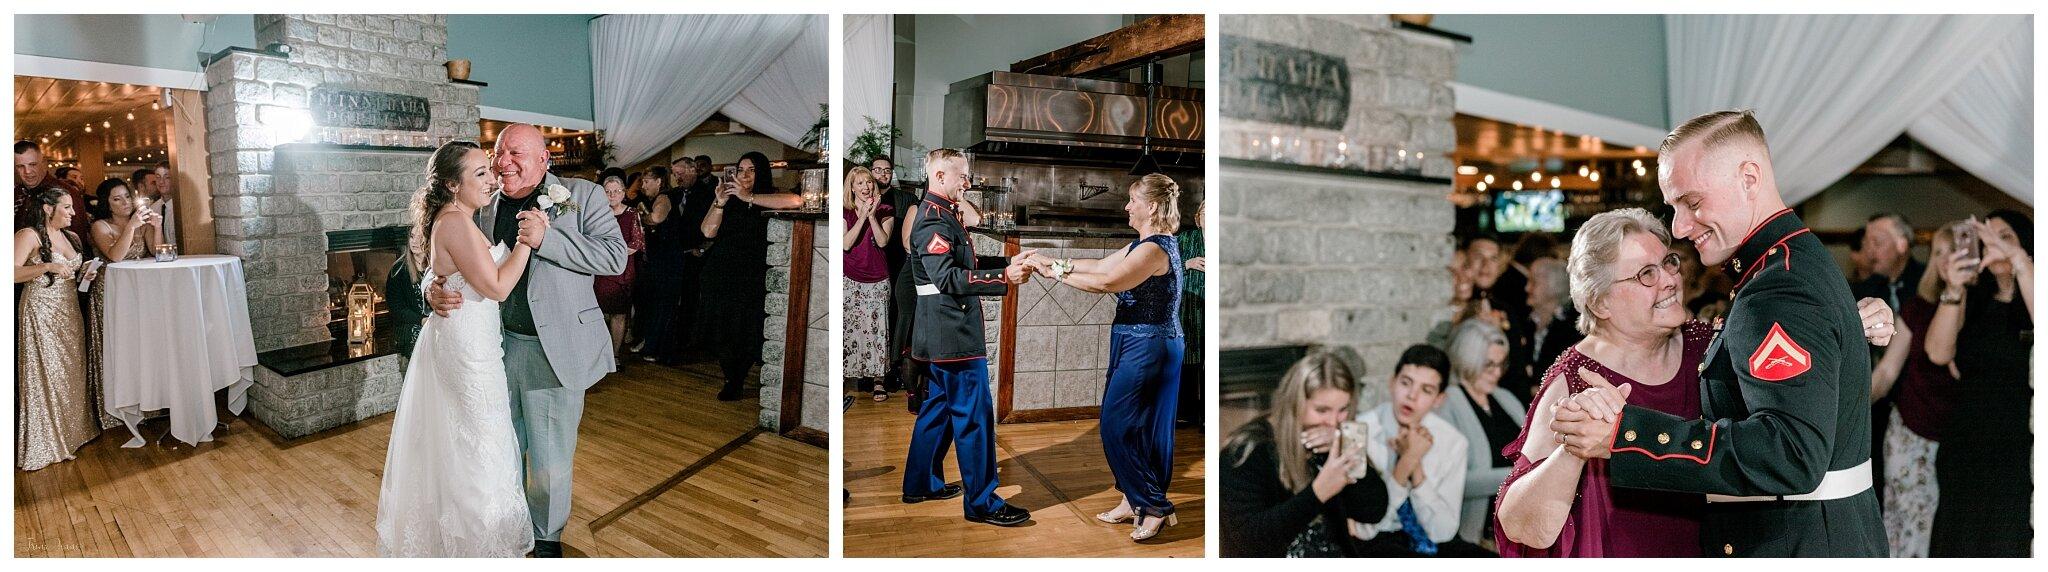 Parent and Grandparent Dances